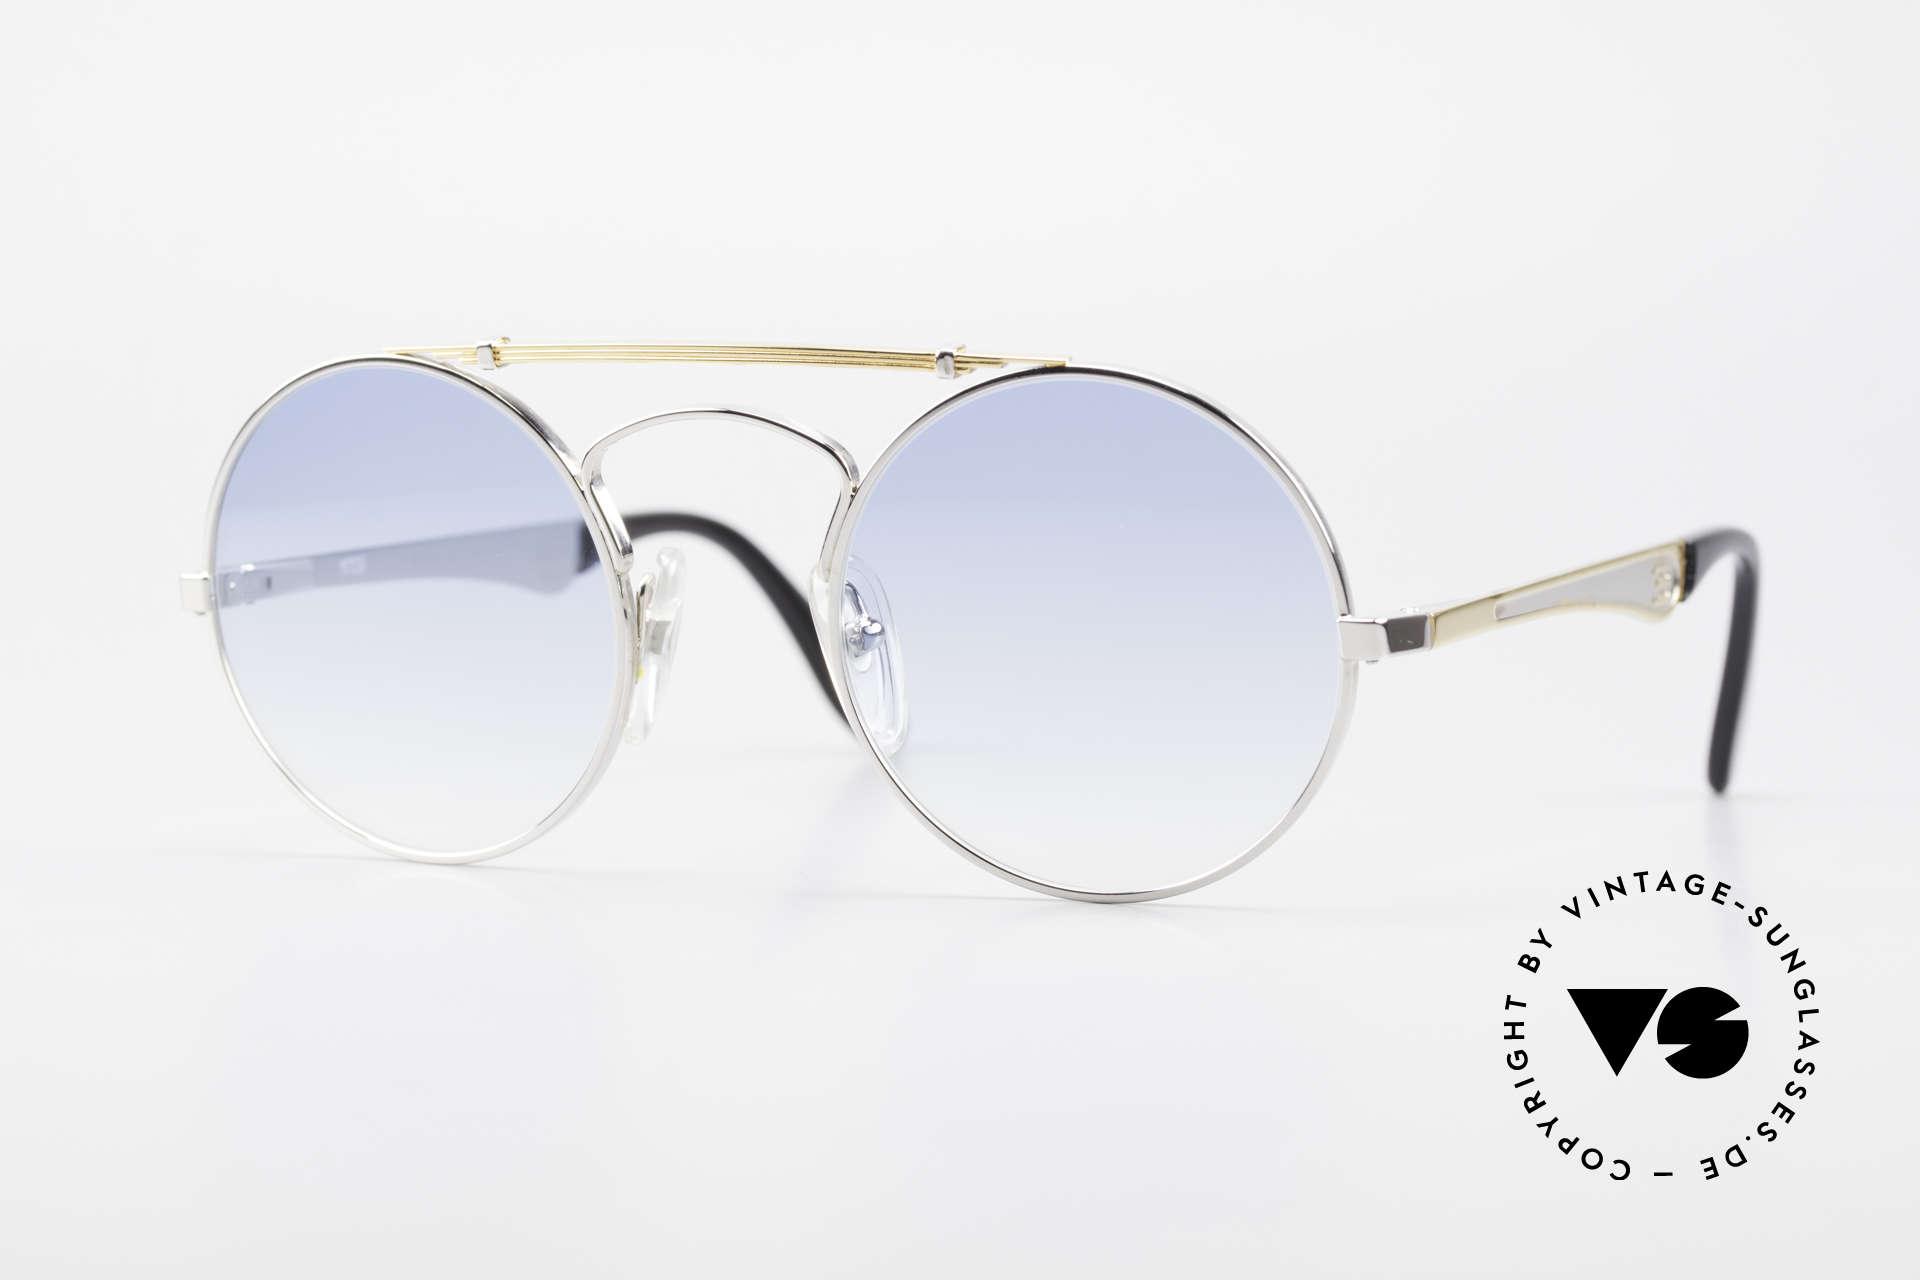 Bugatti 11709 80er Luxus Sonnenbrille Rund, runde VINTAGE Bugatti-Sonnenbrille in M Gr. 48/22, Passend für Herren